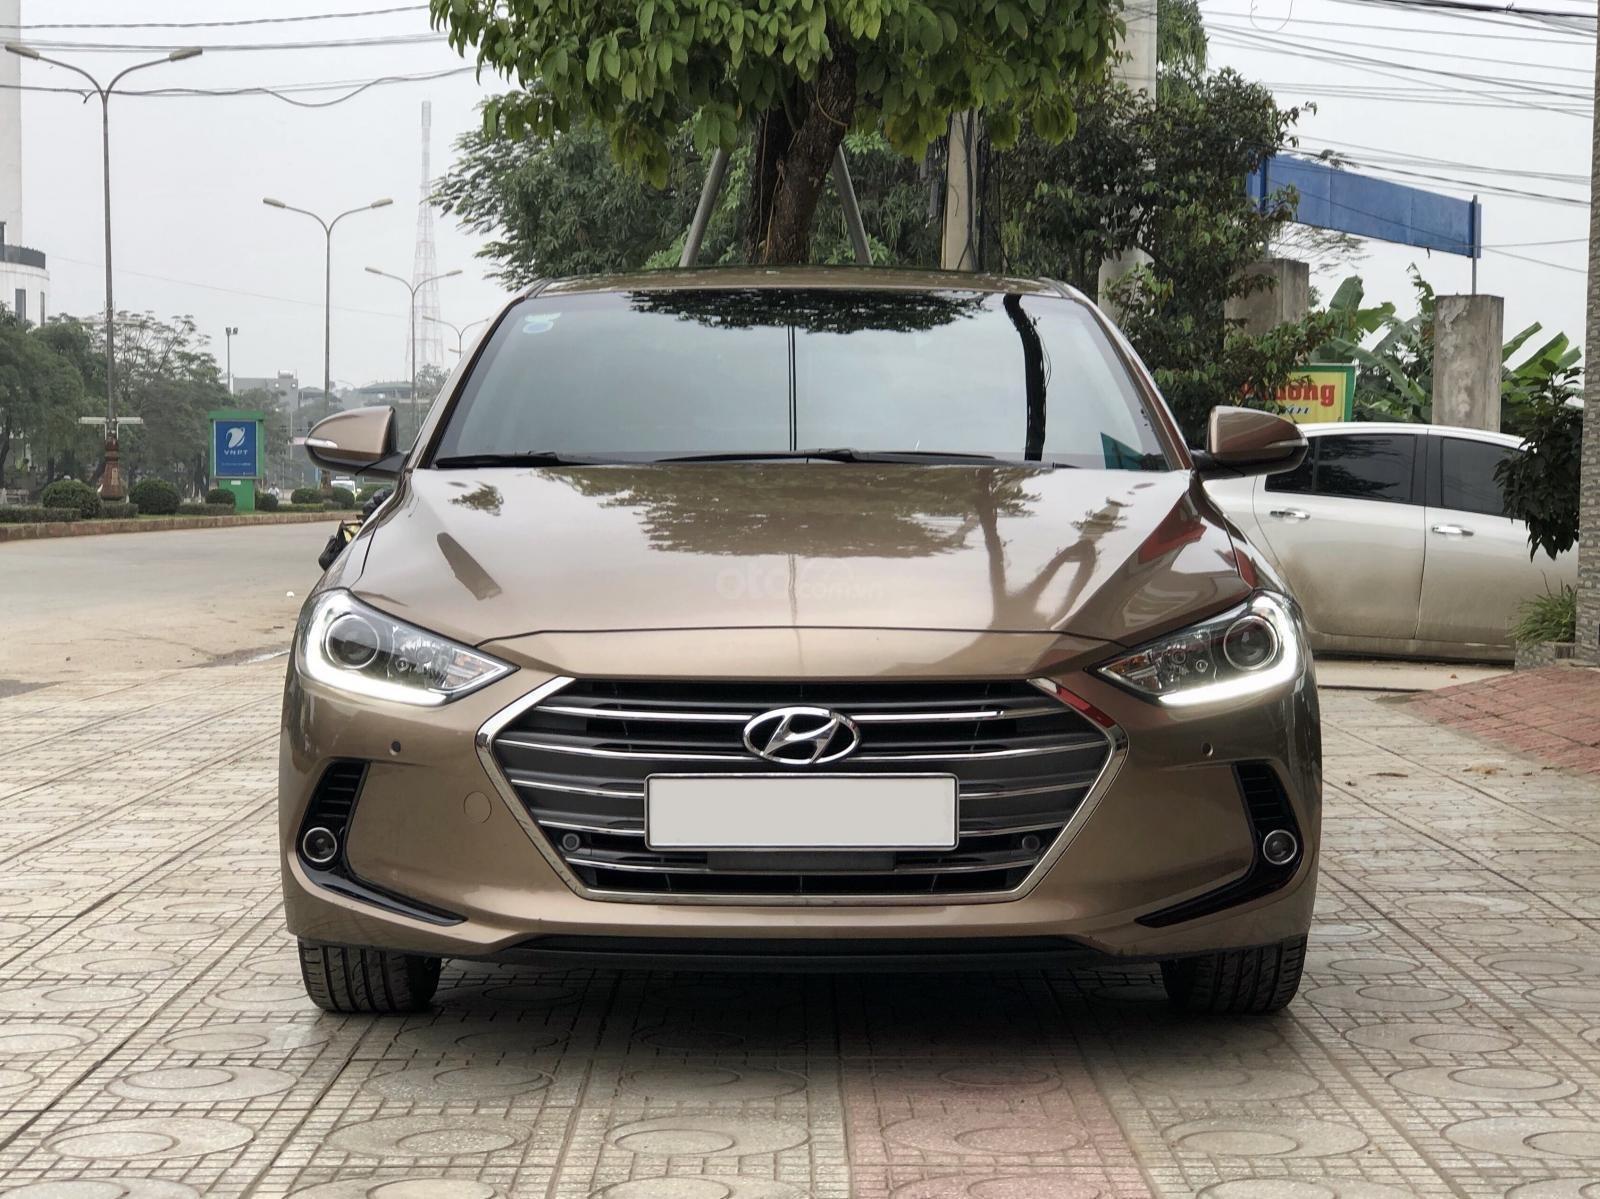 Cần bán gấp Hyundai Elantra 2.0 GLS 2018, màu nâu chính chủ (1)